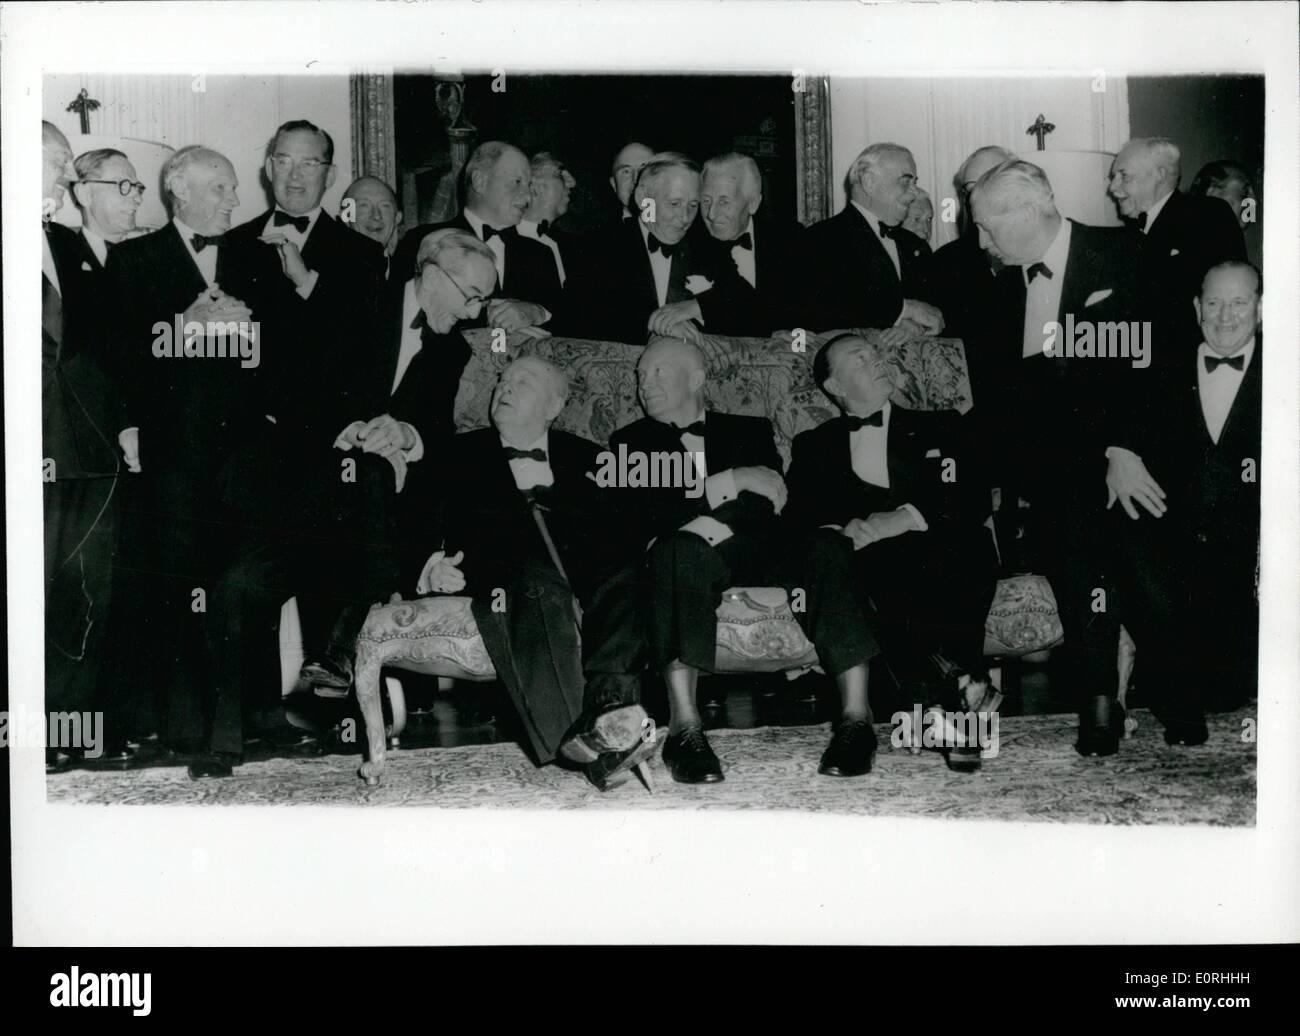 Septembre 09, 1959 - Le président Eisenhower's Loi des camarades rendez son parti à Winfield House: Les hommes dont les noms sont devenus des légendes durant la Seconde Guerre mondiale- ont été invités à le président Eisenhower's party qui a eu lieu hier soir à Winfield House, Regent's Park - résidence de l'ambassadeur américain à Londres. Photo: montre certaines des personnalités célèbres à la fête - sur le canapé -Vicomte Alanbrooke Field Marshall parle à sir Winston Churchill; avec le président Eisenhower dans le centre et le maréchal comte Alexander - assis sur le bras à droite, M. Harold Macmillian Photo Stock